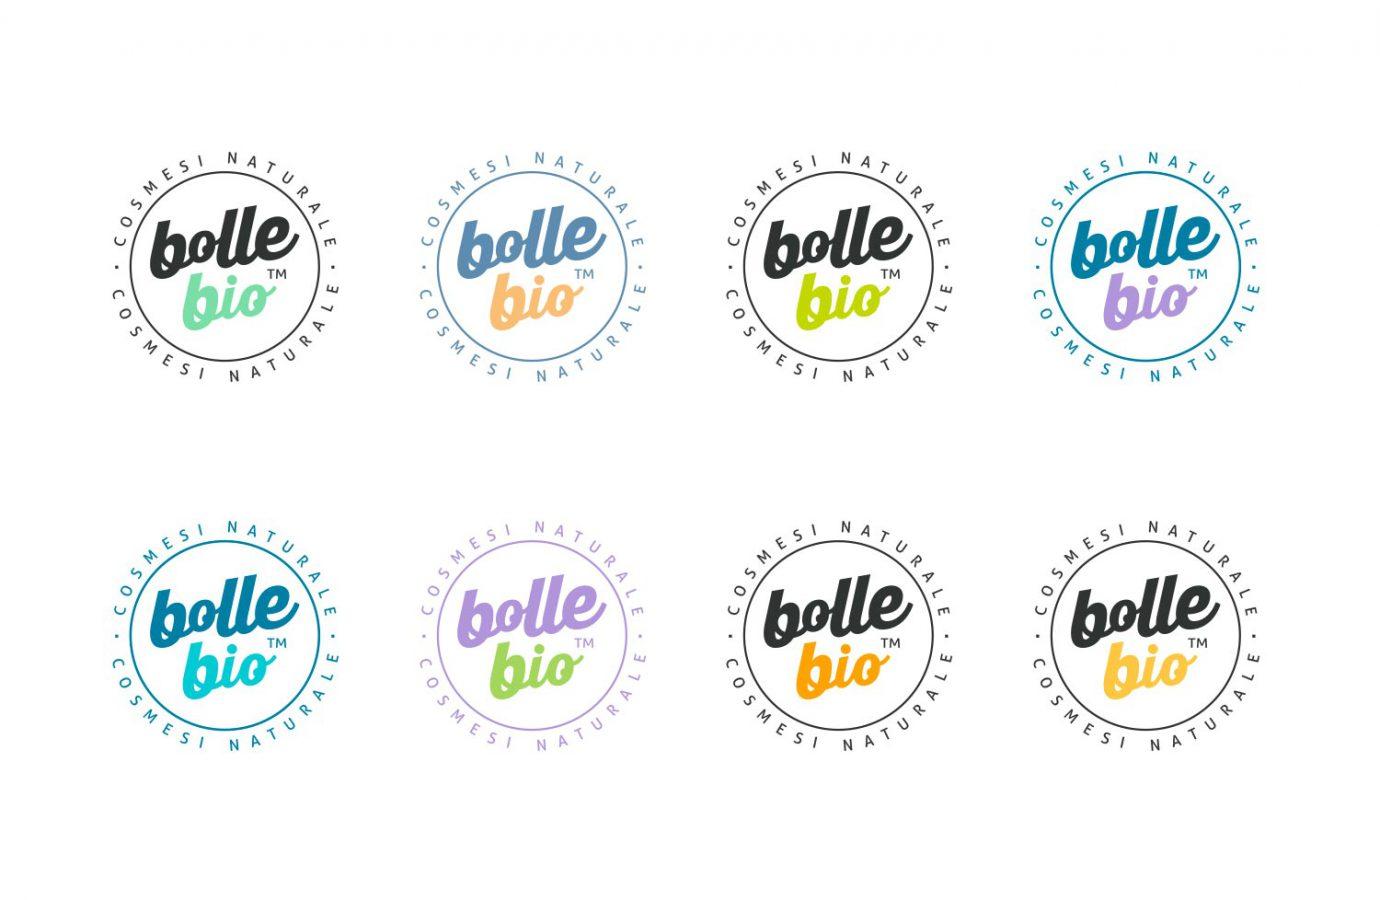 Varianti di logotipo della linea di cosmesi naturale per millennial Bollebio progettati da WillBe